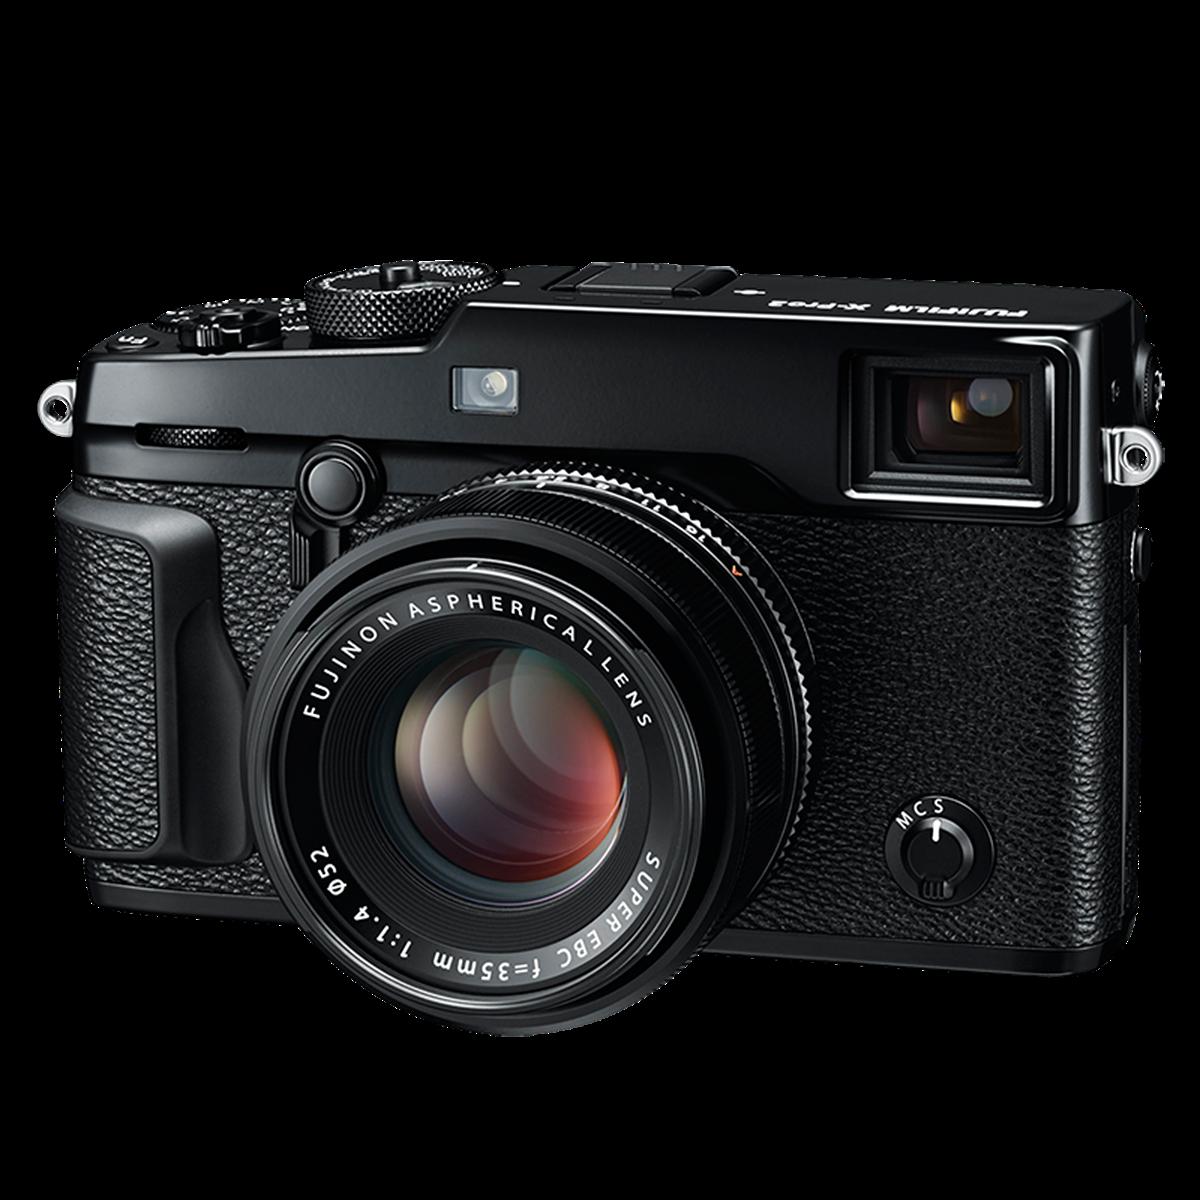 Fujifilm announces its flagship 24 megapixel X-Pro2 mirrorless ...